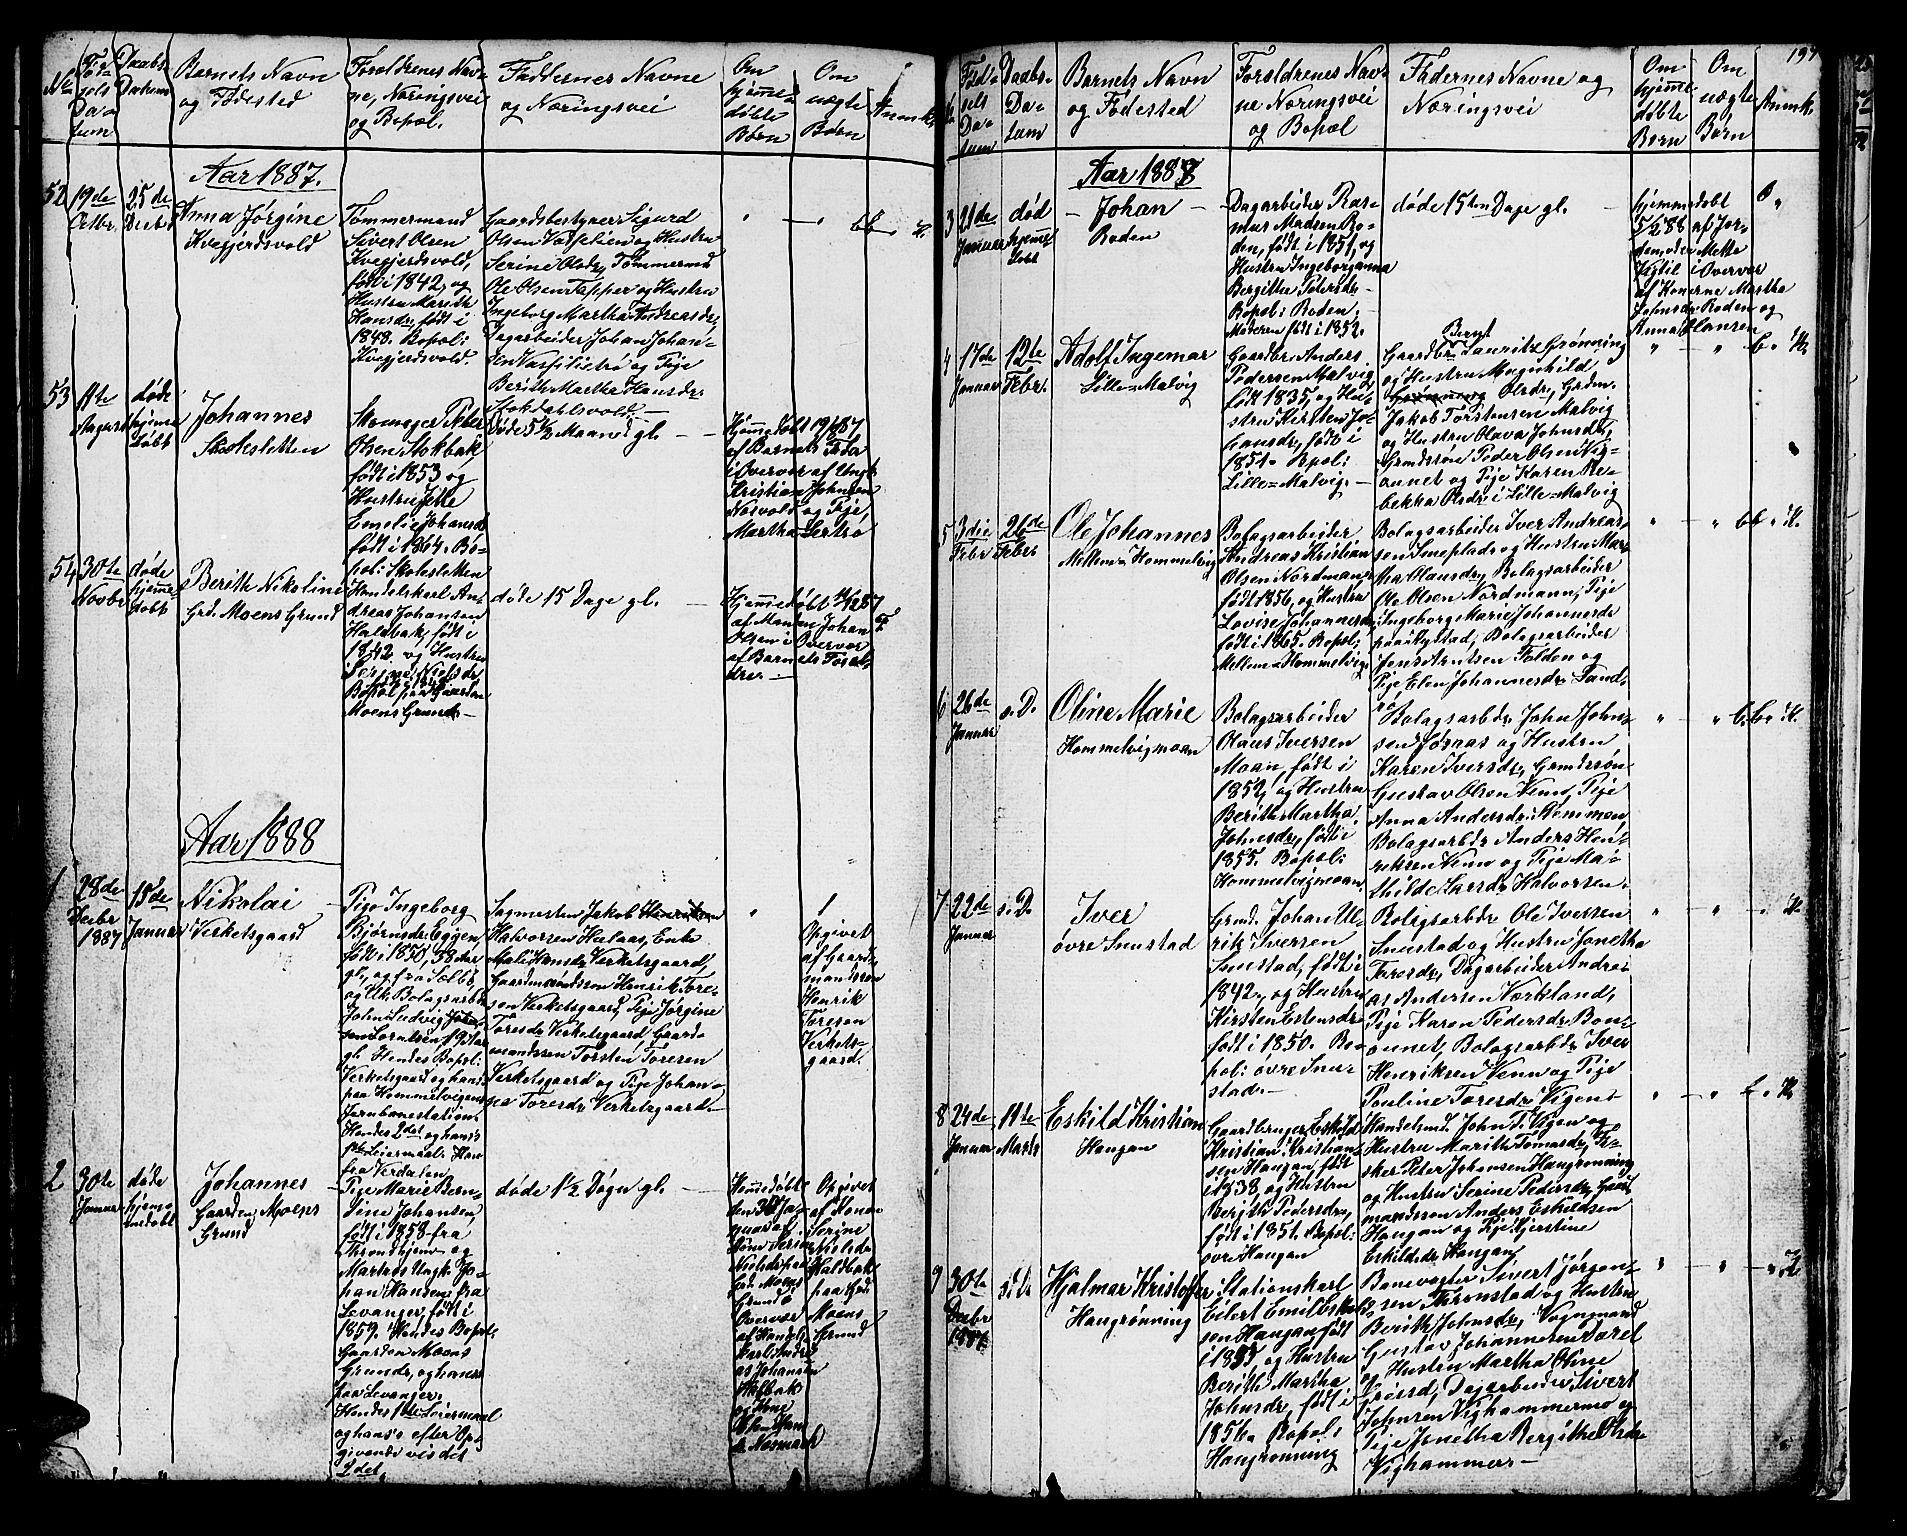 SAT, Ministerialprotokoller, klokkerbøker og fødselsregistre - Sør-Trøndelag, 616/L0422: Klokkerbok nr. 616C05, 1850-1888, s. 197